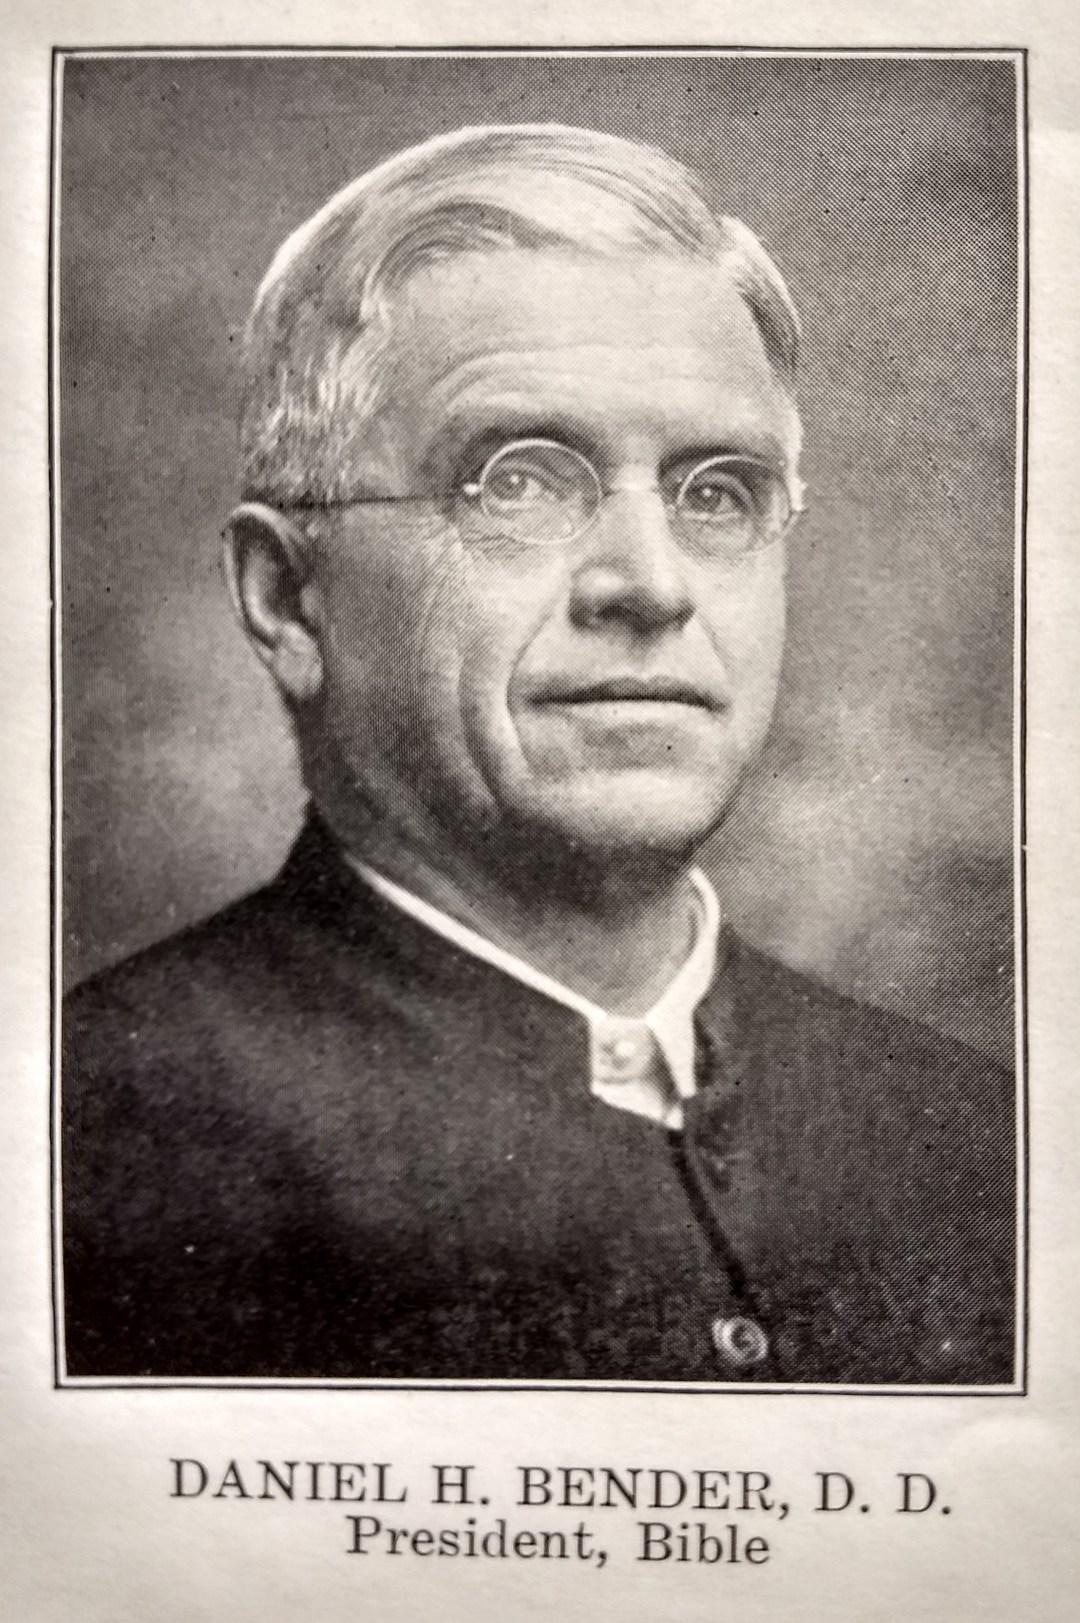 Daniel H. Bender